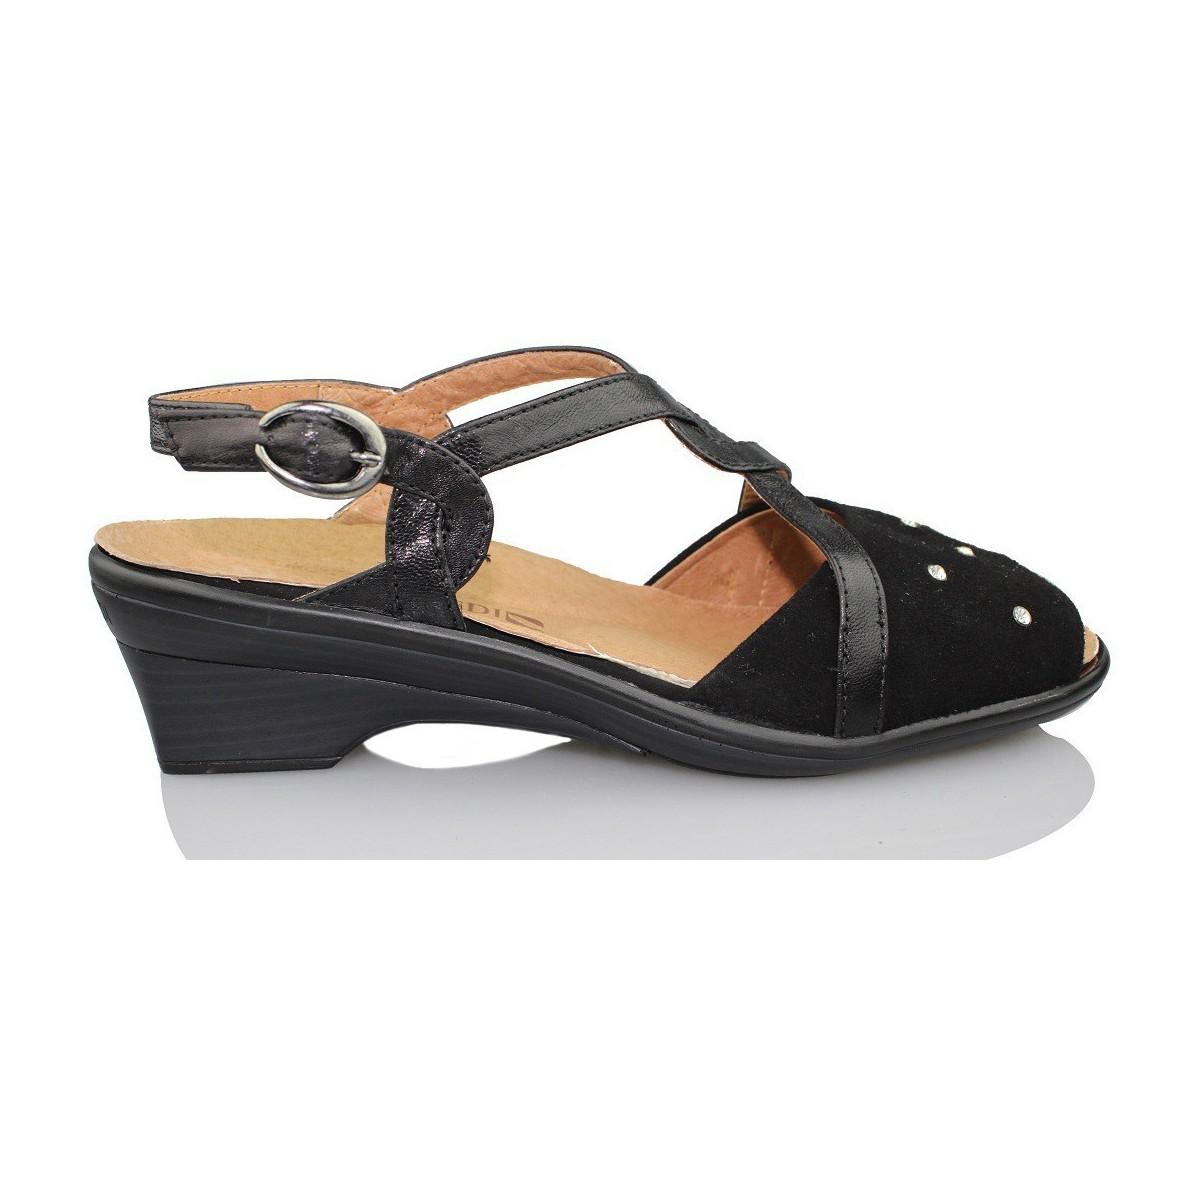 calzamedi orthop dique femme sandale noir chaussures sandale femme 130 20. Black Bedroom Furniture Sets. Home Design Ideas